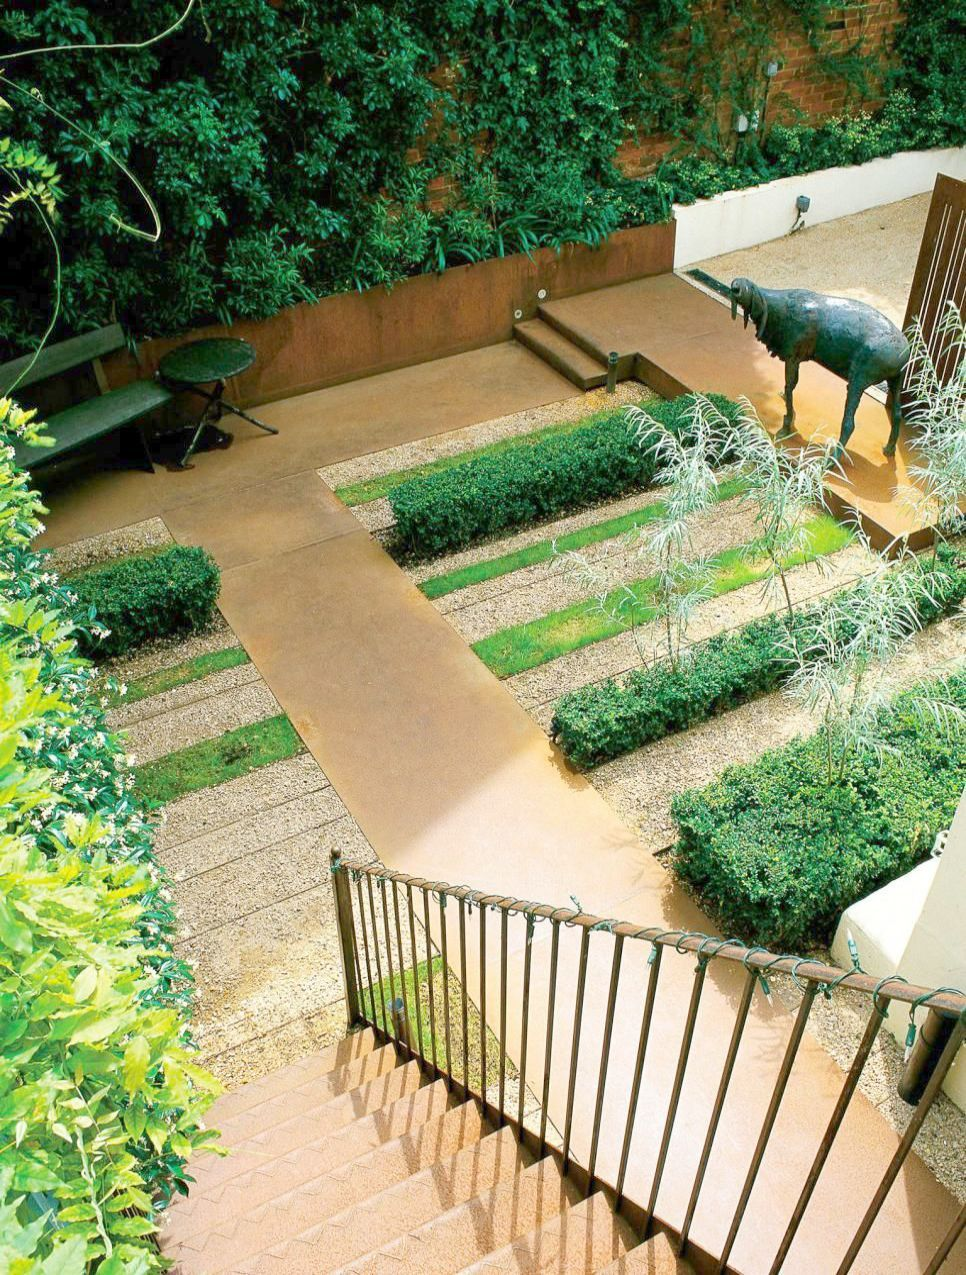 Landscape Gardening Courses Northern Ireland Behind Landscape Gardening How Much Does It Cost Few Landscape Design Garden Landscape Design Small Garden Design